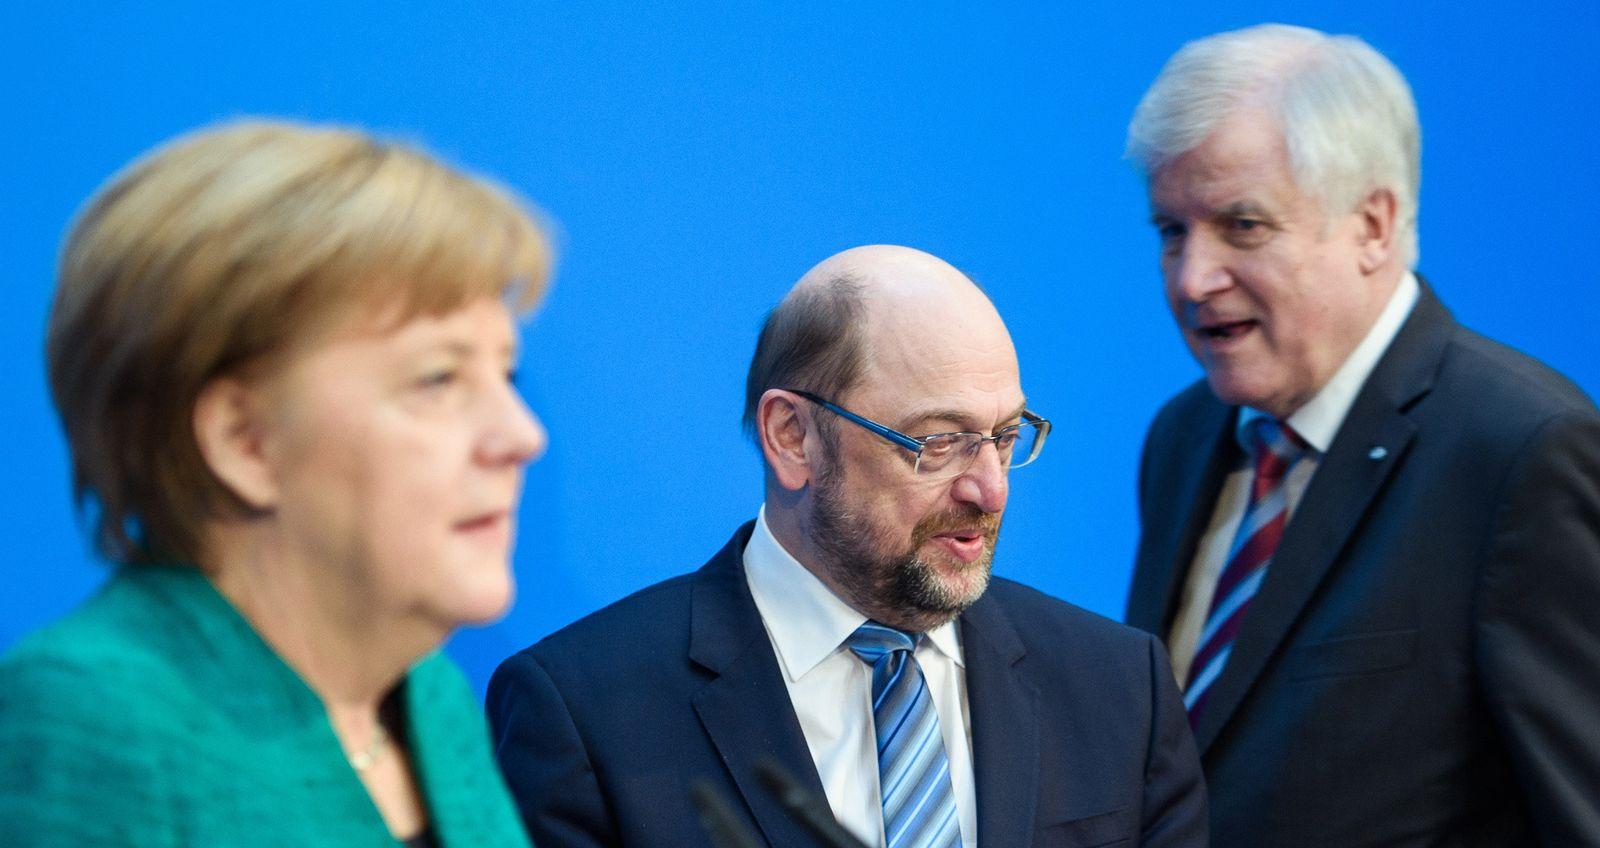 Schulz / Merkel / Seehofer